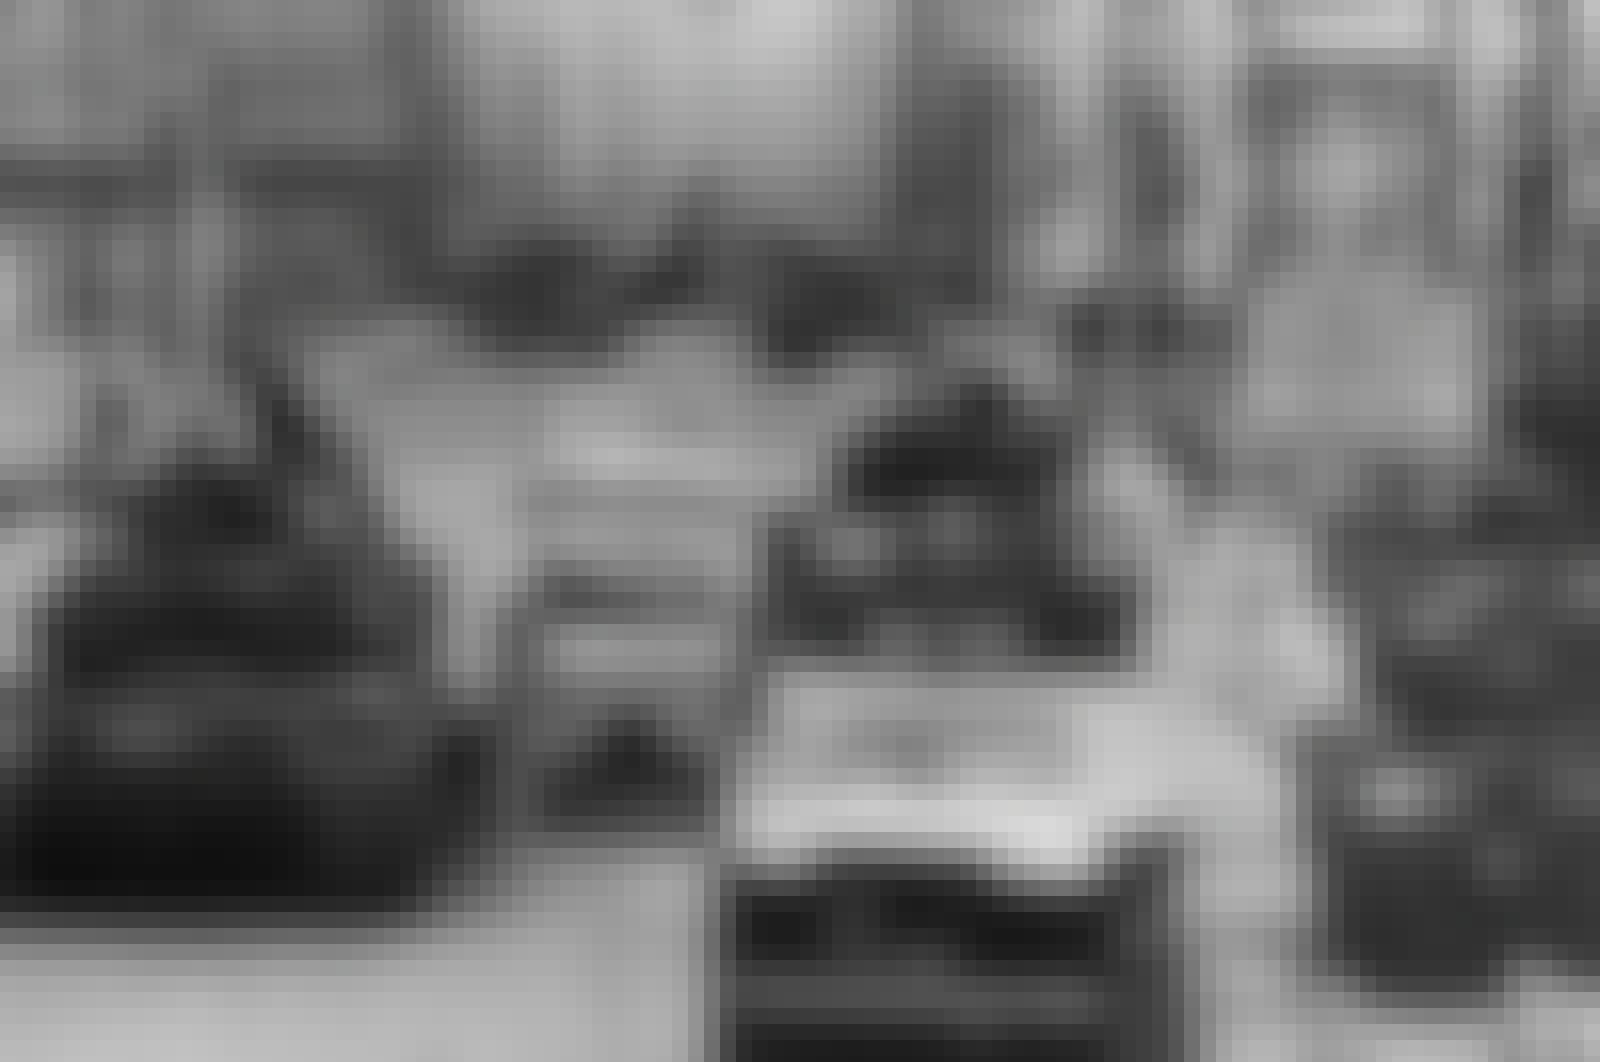 Sovjetiske og amerikanske tanks står overfor hverandre ved Checkpoint Charlie.